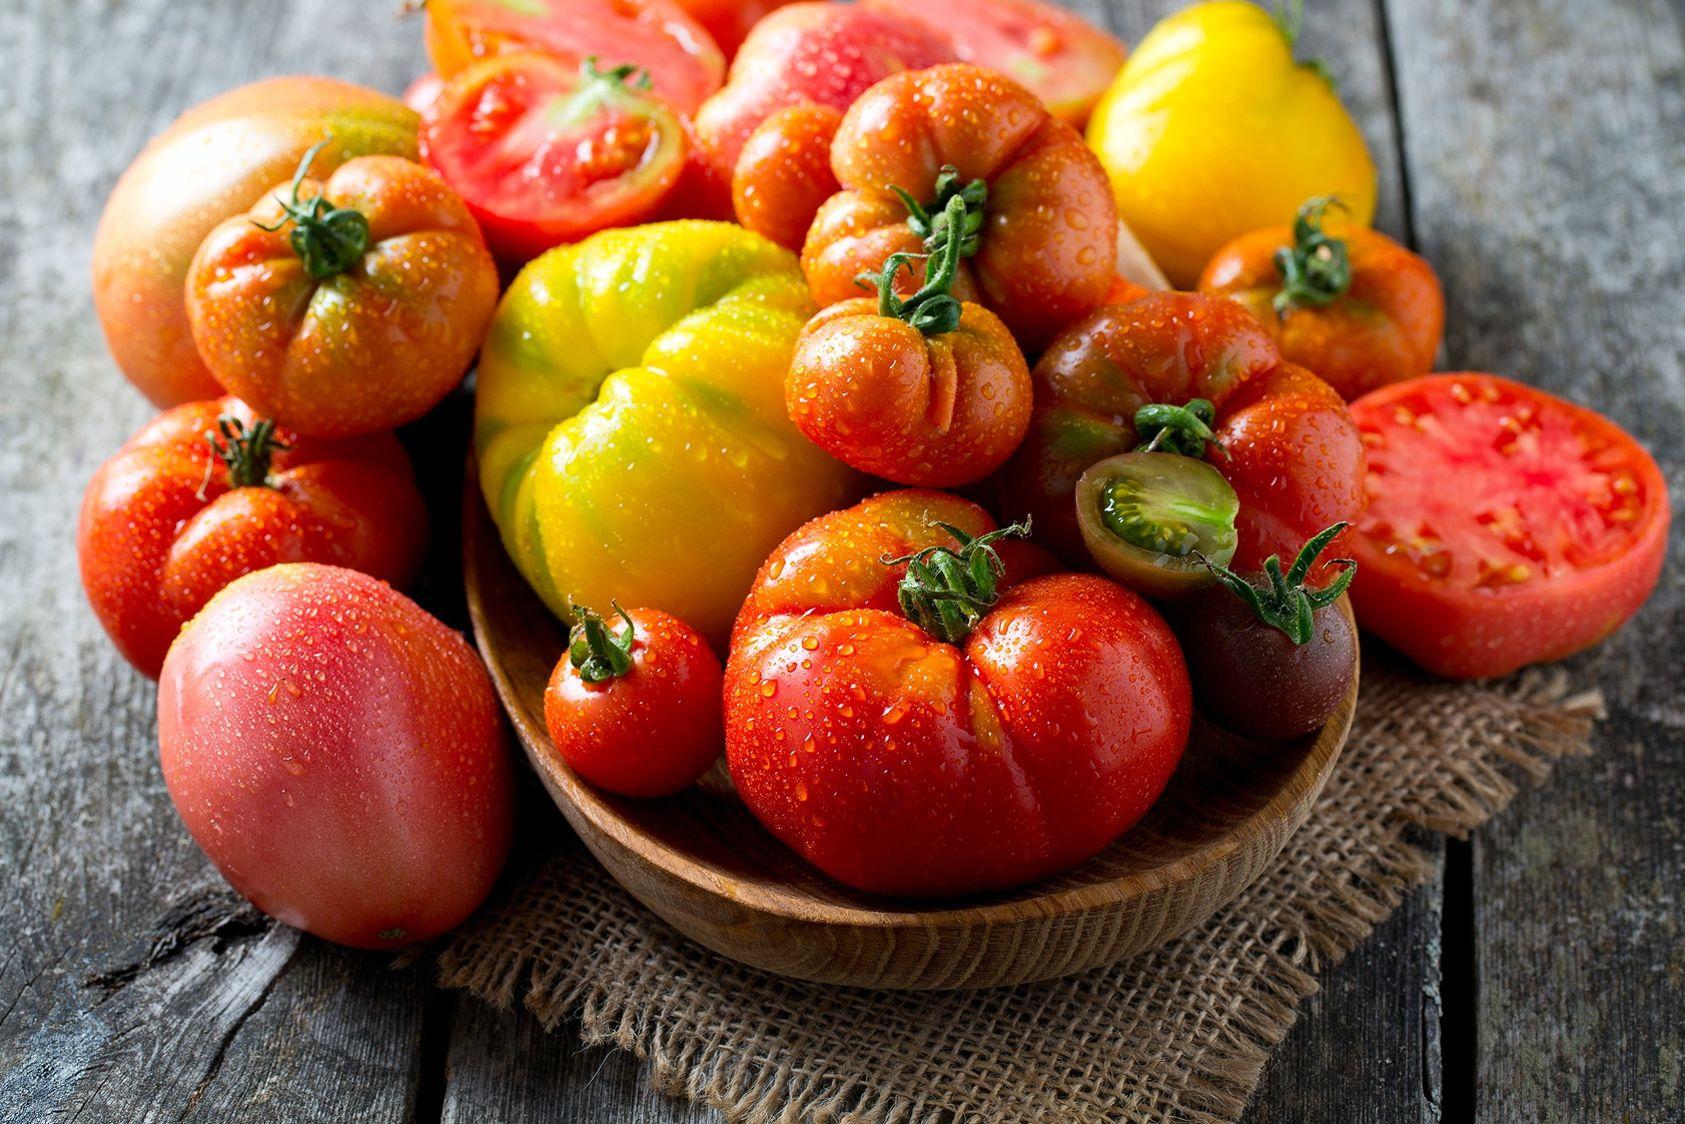 Tomates savoureuses comment r ussir leur culture - Comment congeler des tomates du jardin ...